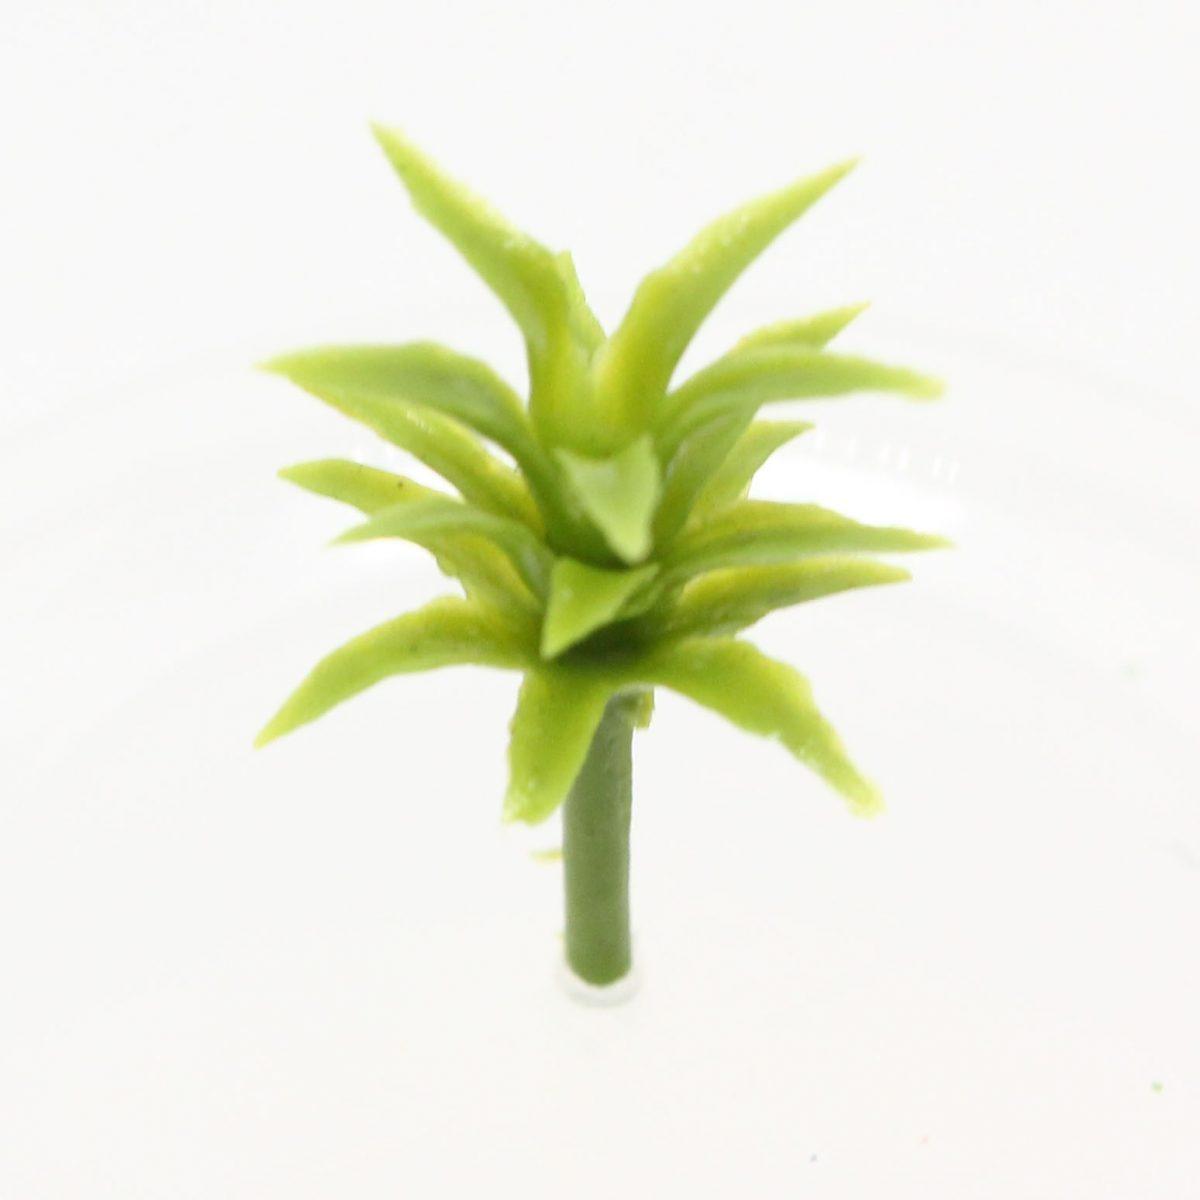 Model plant suit succulents, flax etc - 2cm Image 1